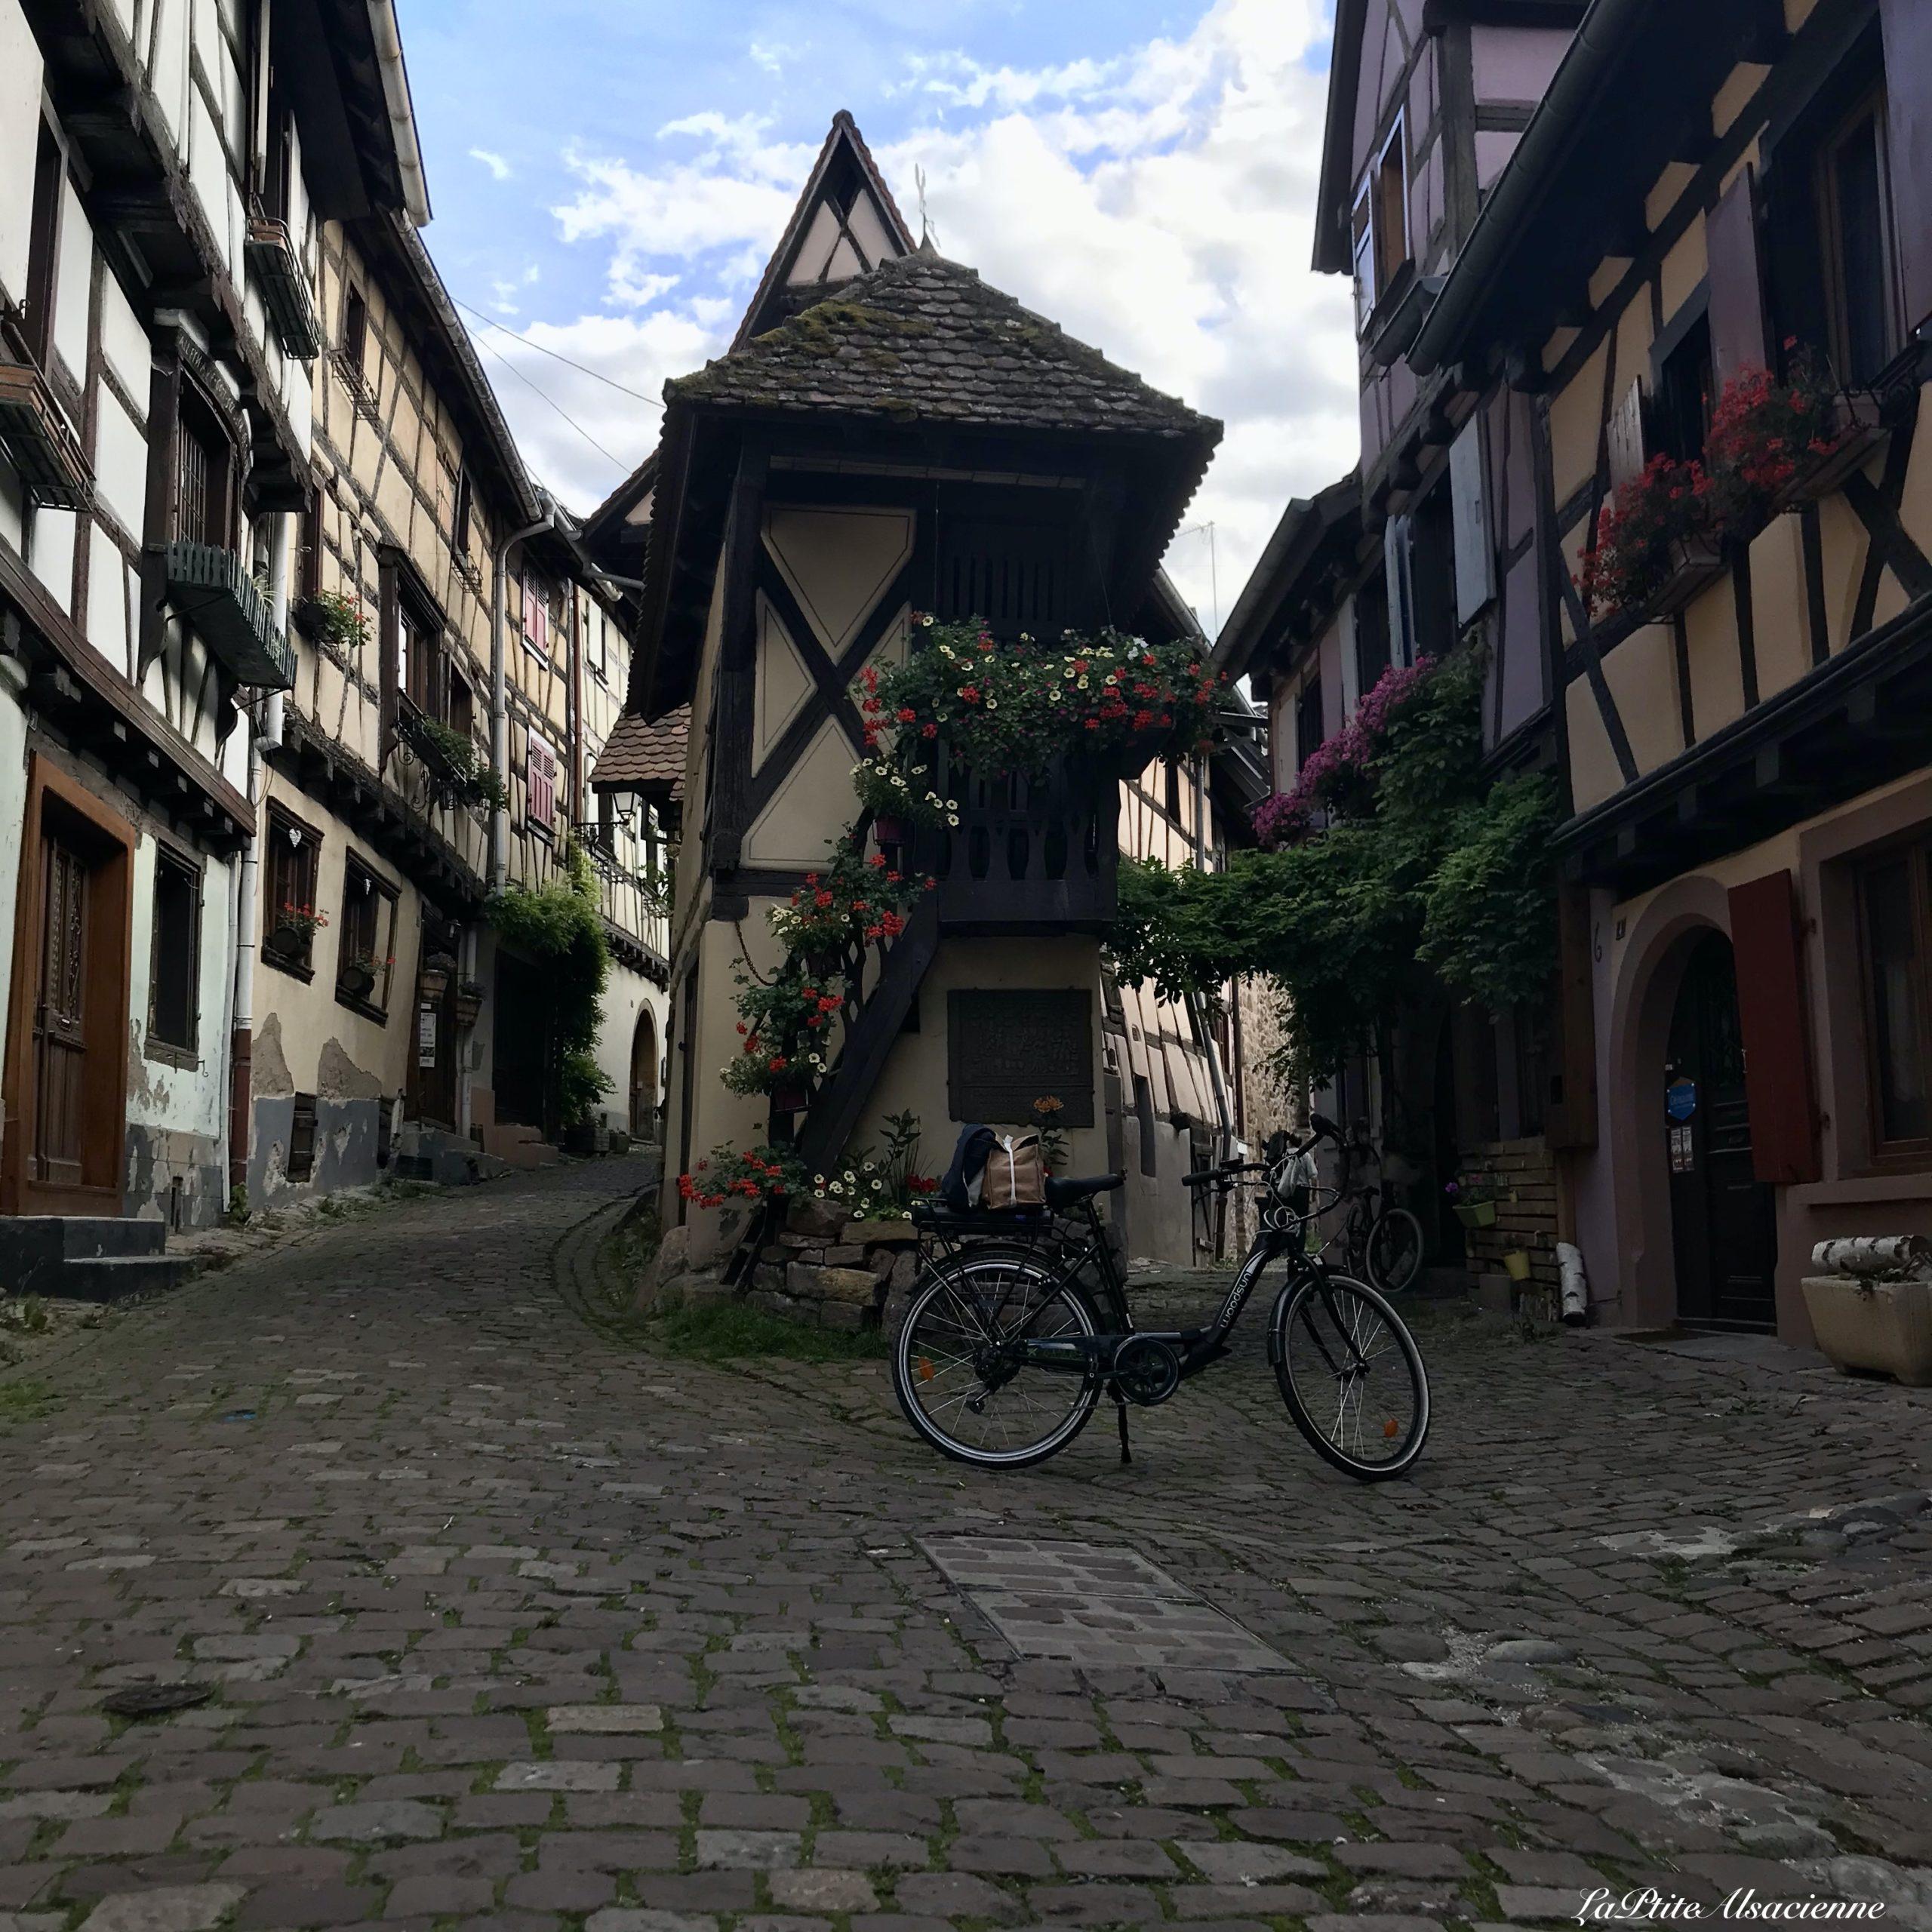 mon VAE m'a conduit jusqu'au pigeonnier à Eguisheim - Cendrine Miesch dite LaPtiteAlsacienne